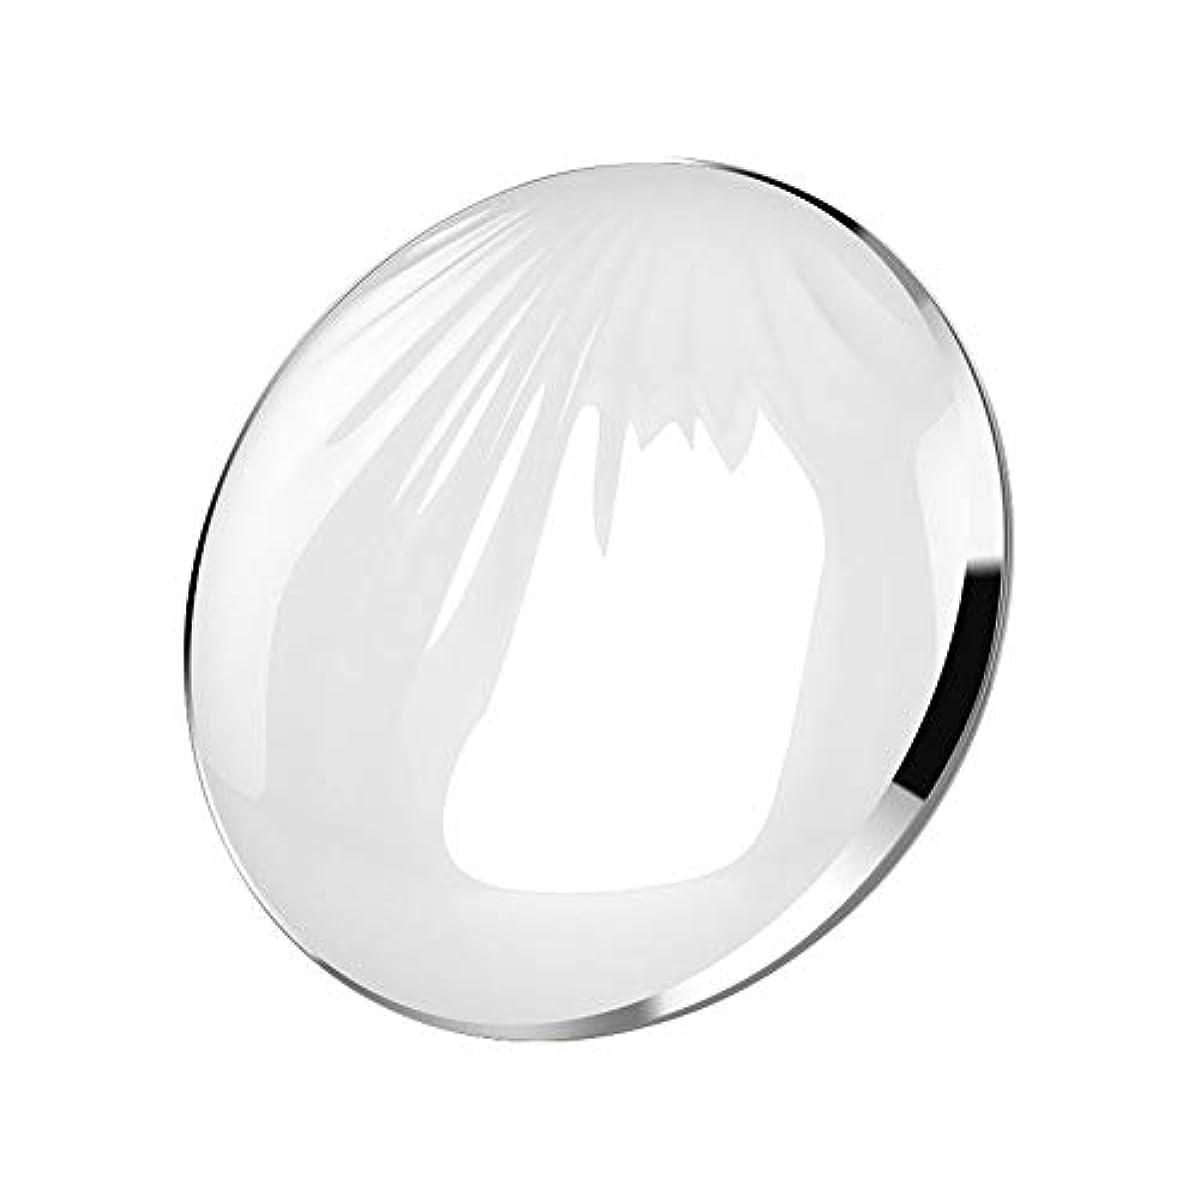 流行している遠征アルカイック流行の クリエイティブled化粧鏡シェルポータブル折りたたみ式フィルライトusbモバイル充電宝美容鏡化粧台ミラーピンクシルバーコールドライトウォームライトミックスライト (色 : Silver)